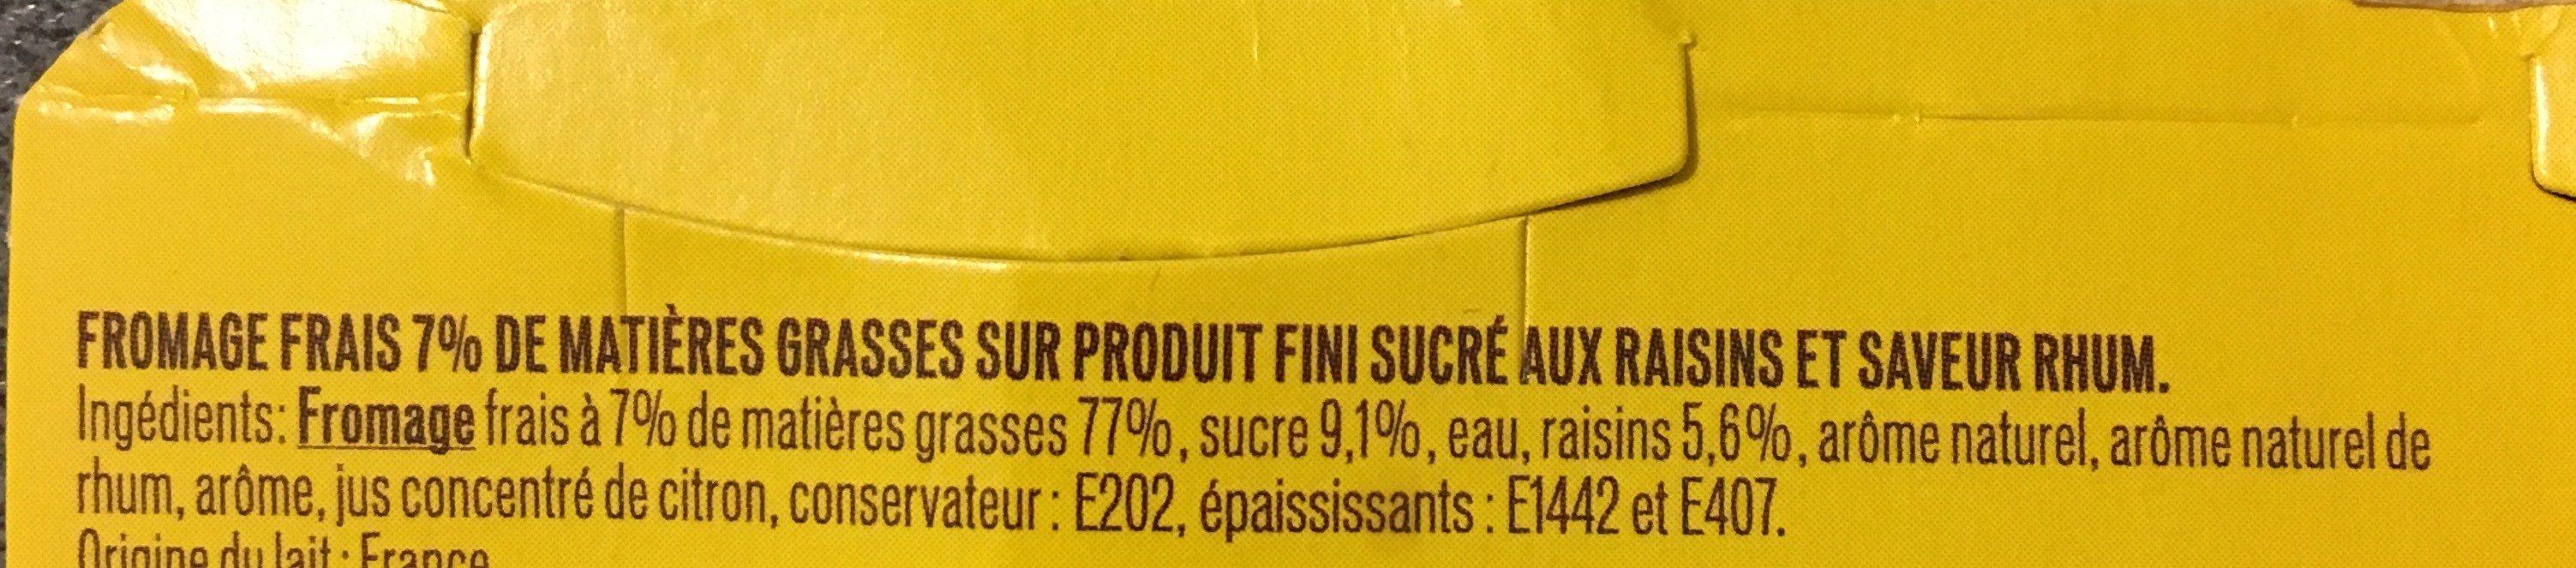 Fromage Frais saveur Rhum Raisins - Ingrédients - fr